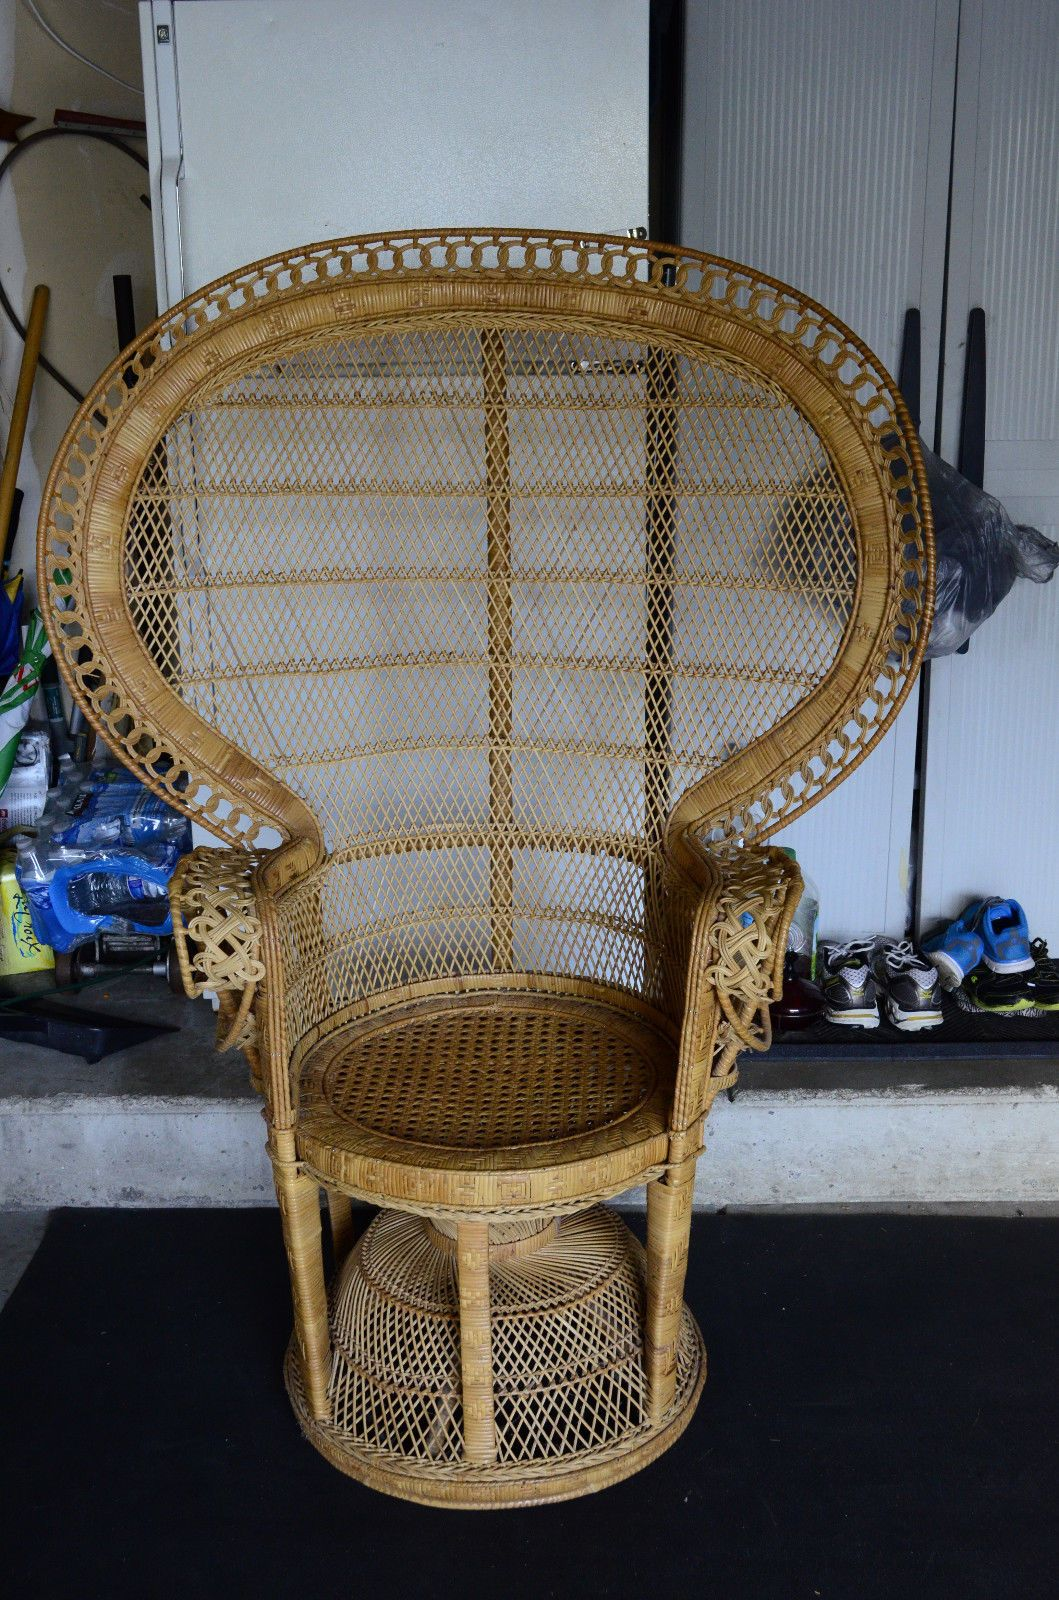 Vintage 1970s wicker rattan peacock fan back 58 tall